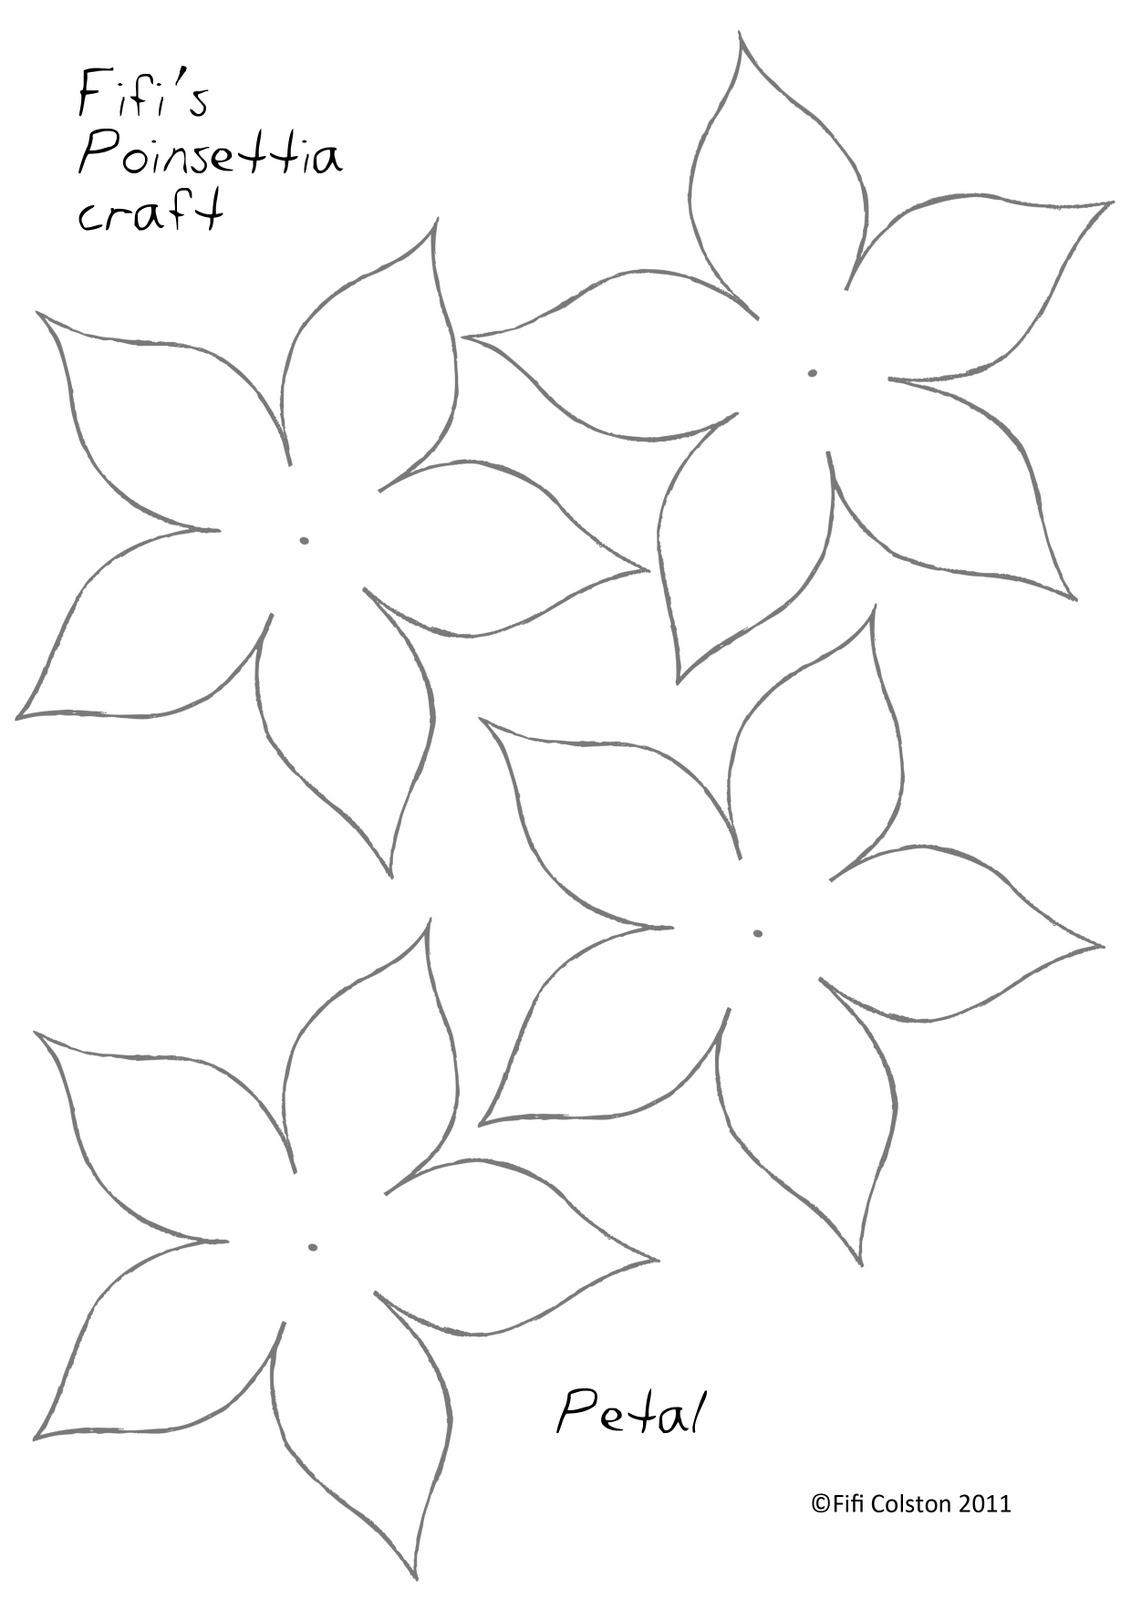 1131x1600 Fifi Colston Creative Pretty Paper Poinsettias